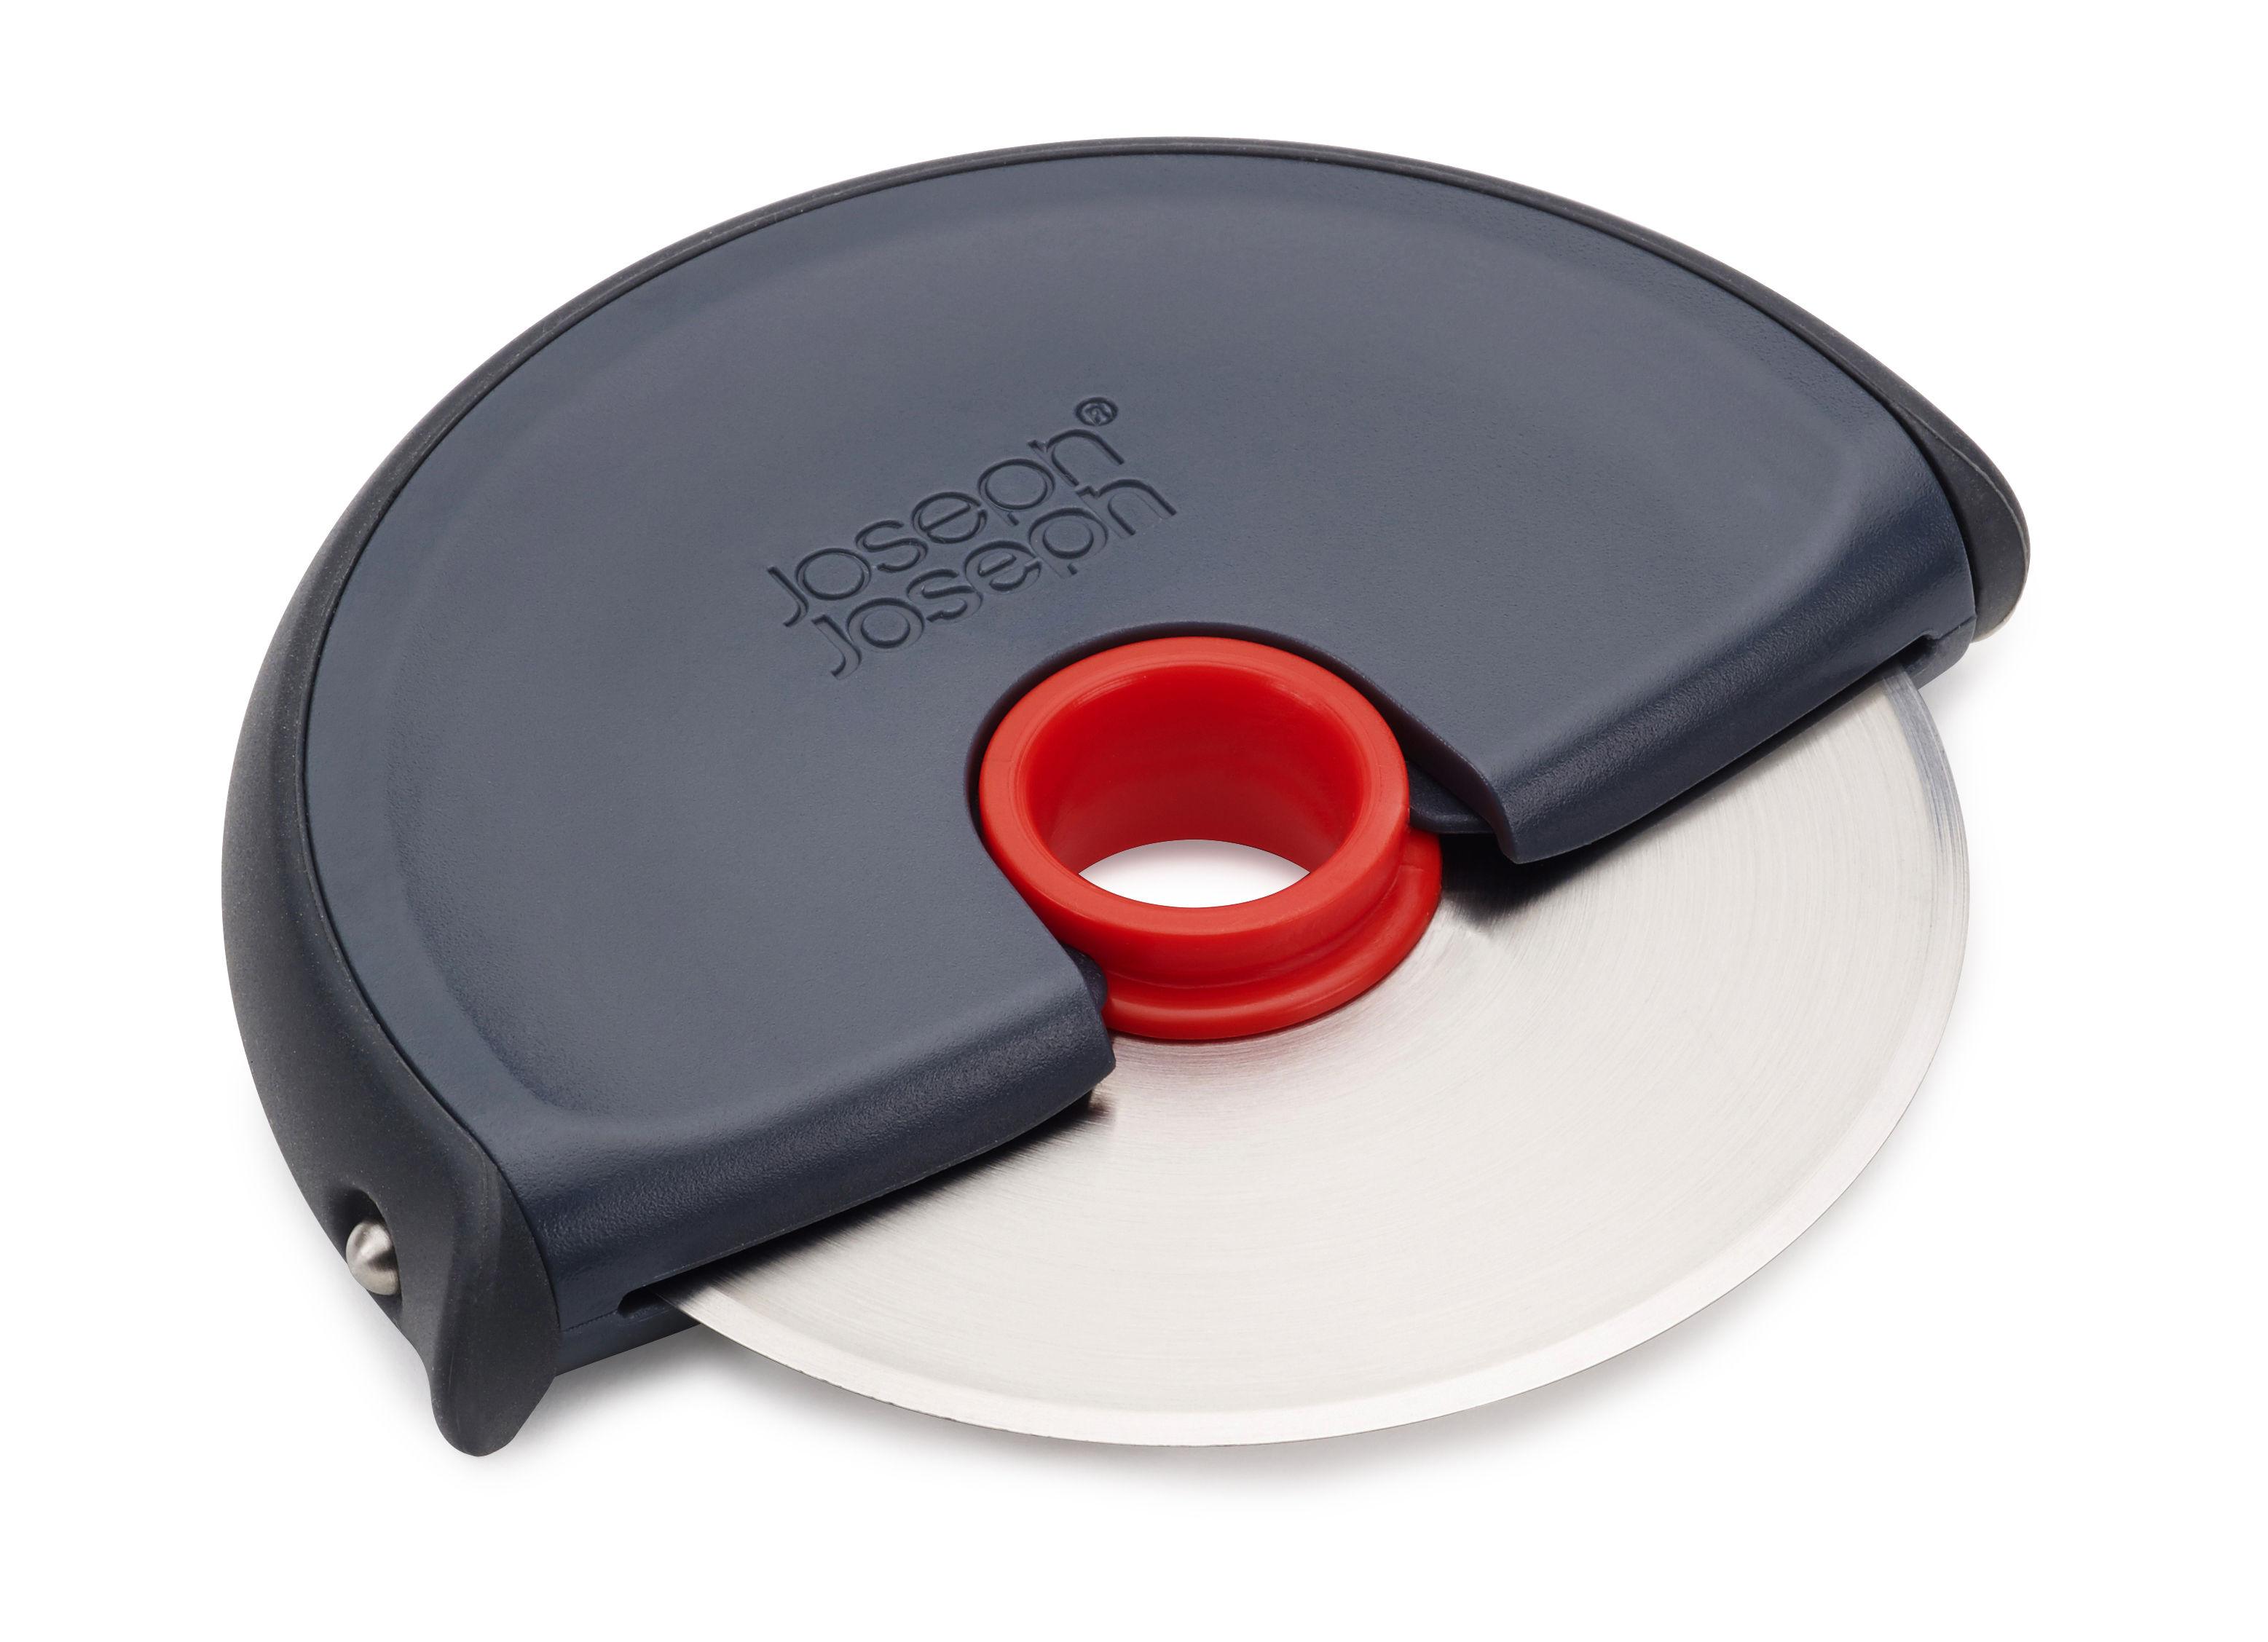 Küche - Küchenutensilien - Disc Pizzaschneider - Joseph Joseph - Grau / rot - Edelstahl, Silikon